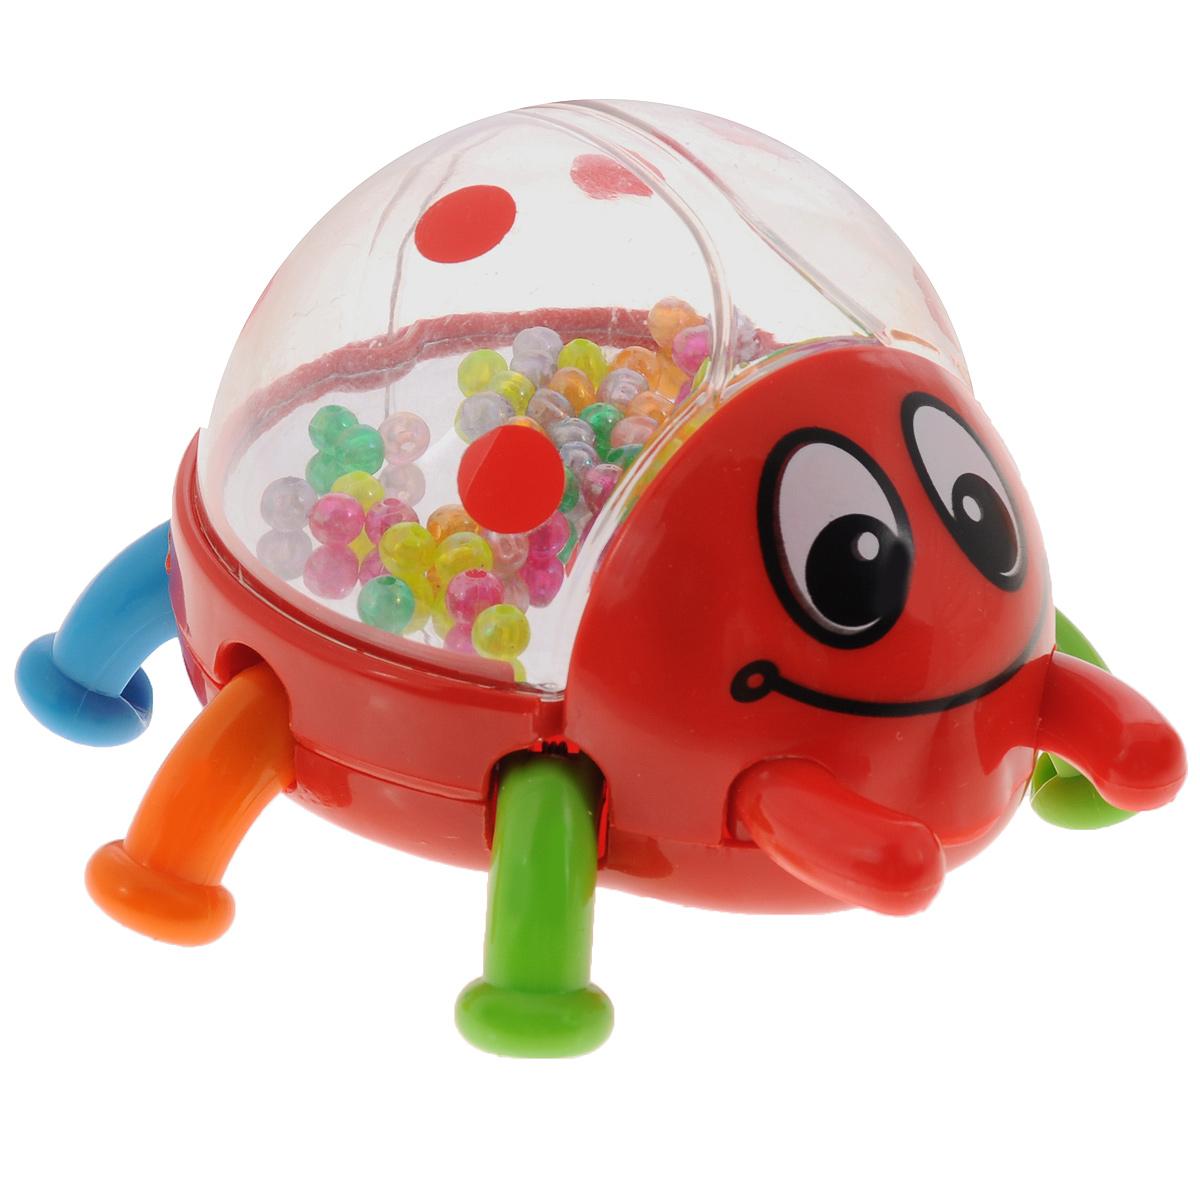 Развивающая игрушка-погремушка Mioshi Жук, цвет: красныйTY_9054Развивающая игрушка Mioshi Жук станет верным другом для вашего малыша. Она выполнена из безопасного пластика в виде забавной жука с шестью ножками. Внутри прозрачного тельца игрушки находятся безопасное зеркальце и разноцветные шарики, гремящие при тряске. Божья коровка умеет подпрыгивать: для этого нужно надавить на нее, чтобы лапки немного разошлись в стороны, и сразу отпустить. Развивающая игрушка Mioshi Жук поможет ребенку развить цветовое и слуховое восприятие, а также мелкую моторику рук.